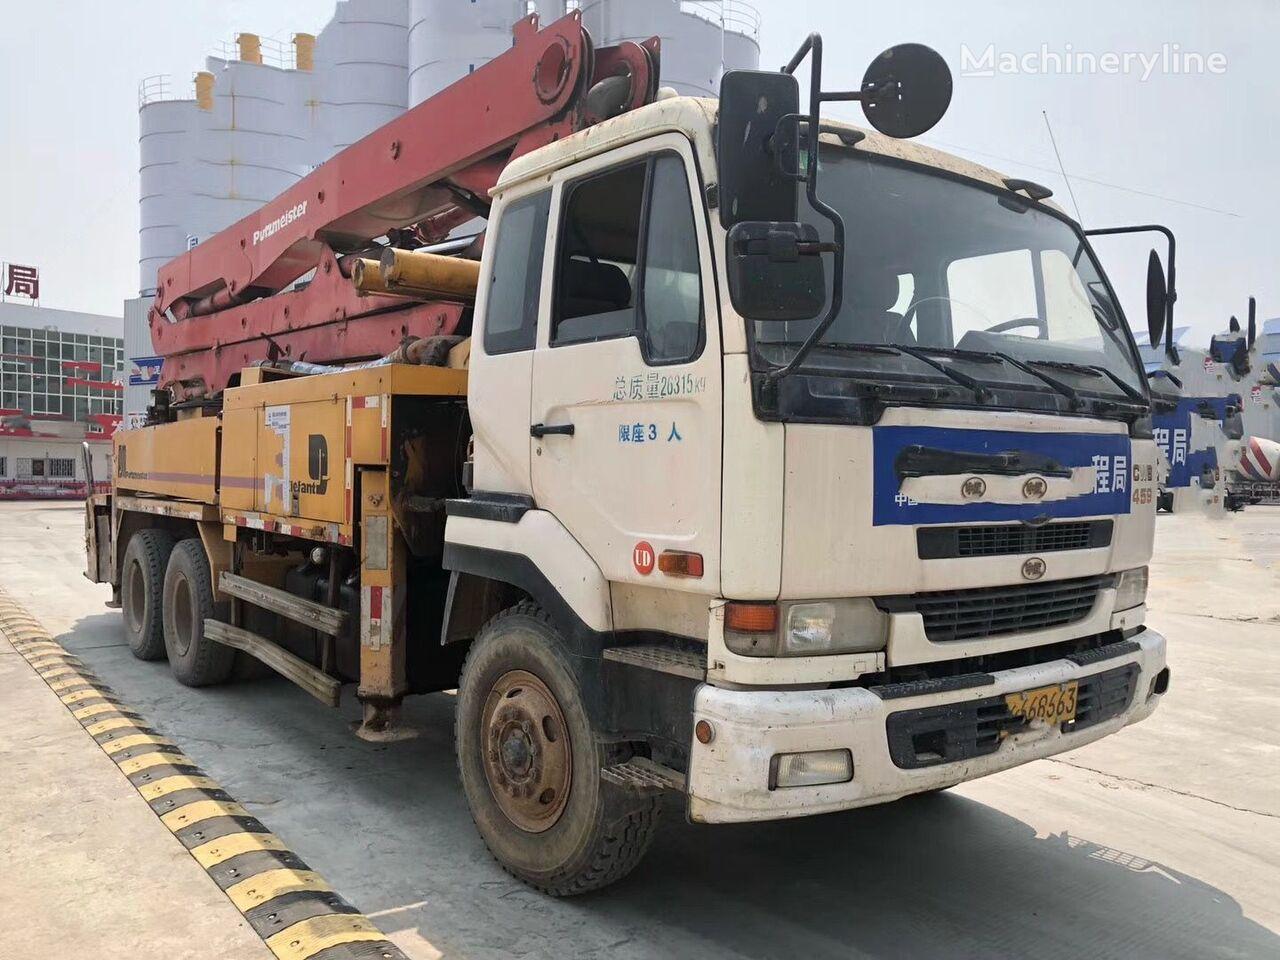 PUTZMEISTER concrete pumps for sale, truck mounted concrete pump